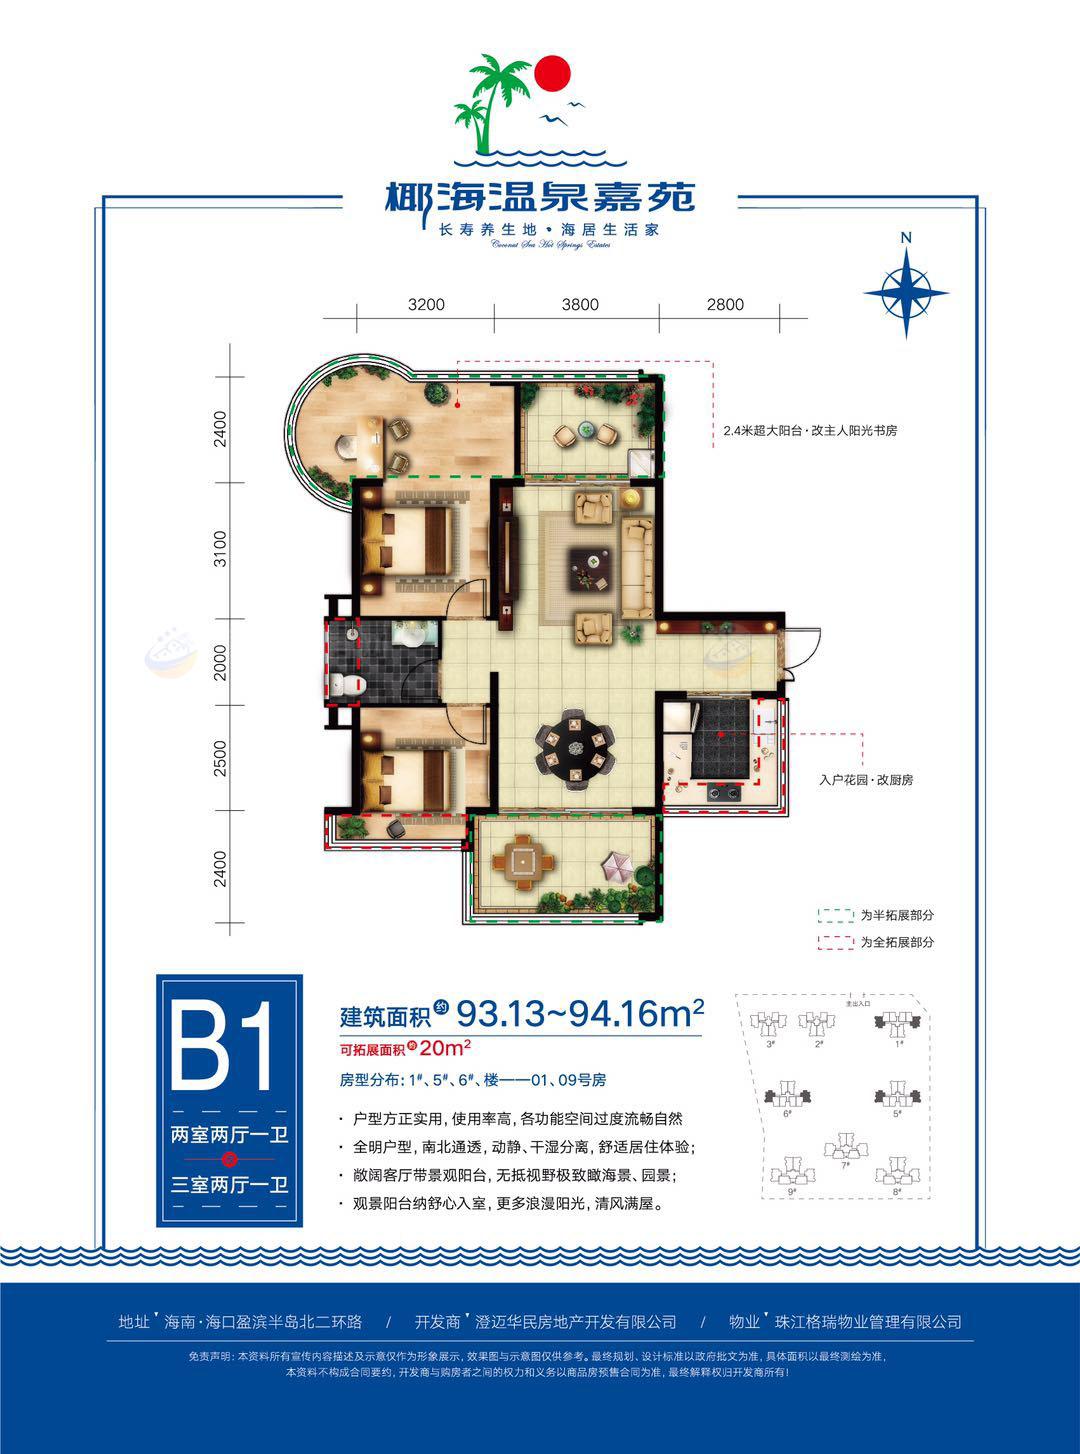 椰海温泉嘉苑2室2厅1卫1厨 (建筑面积:93.13㎡)